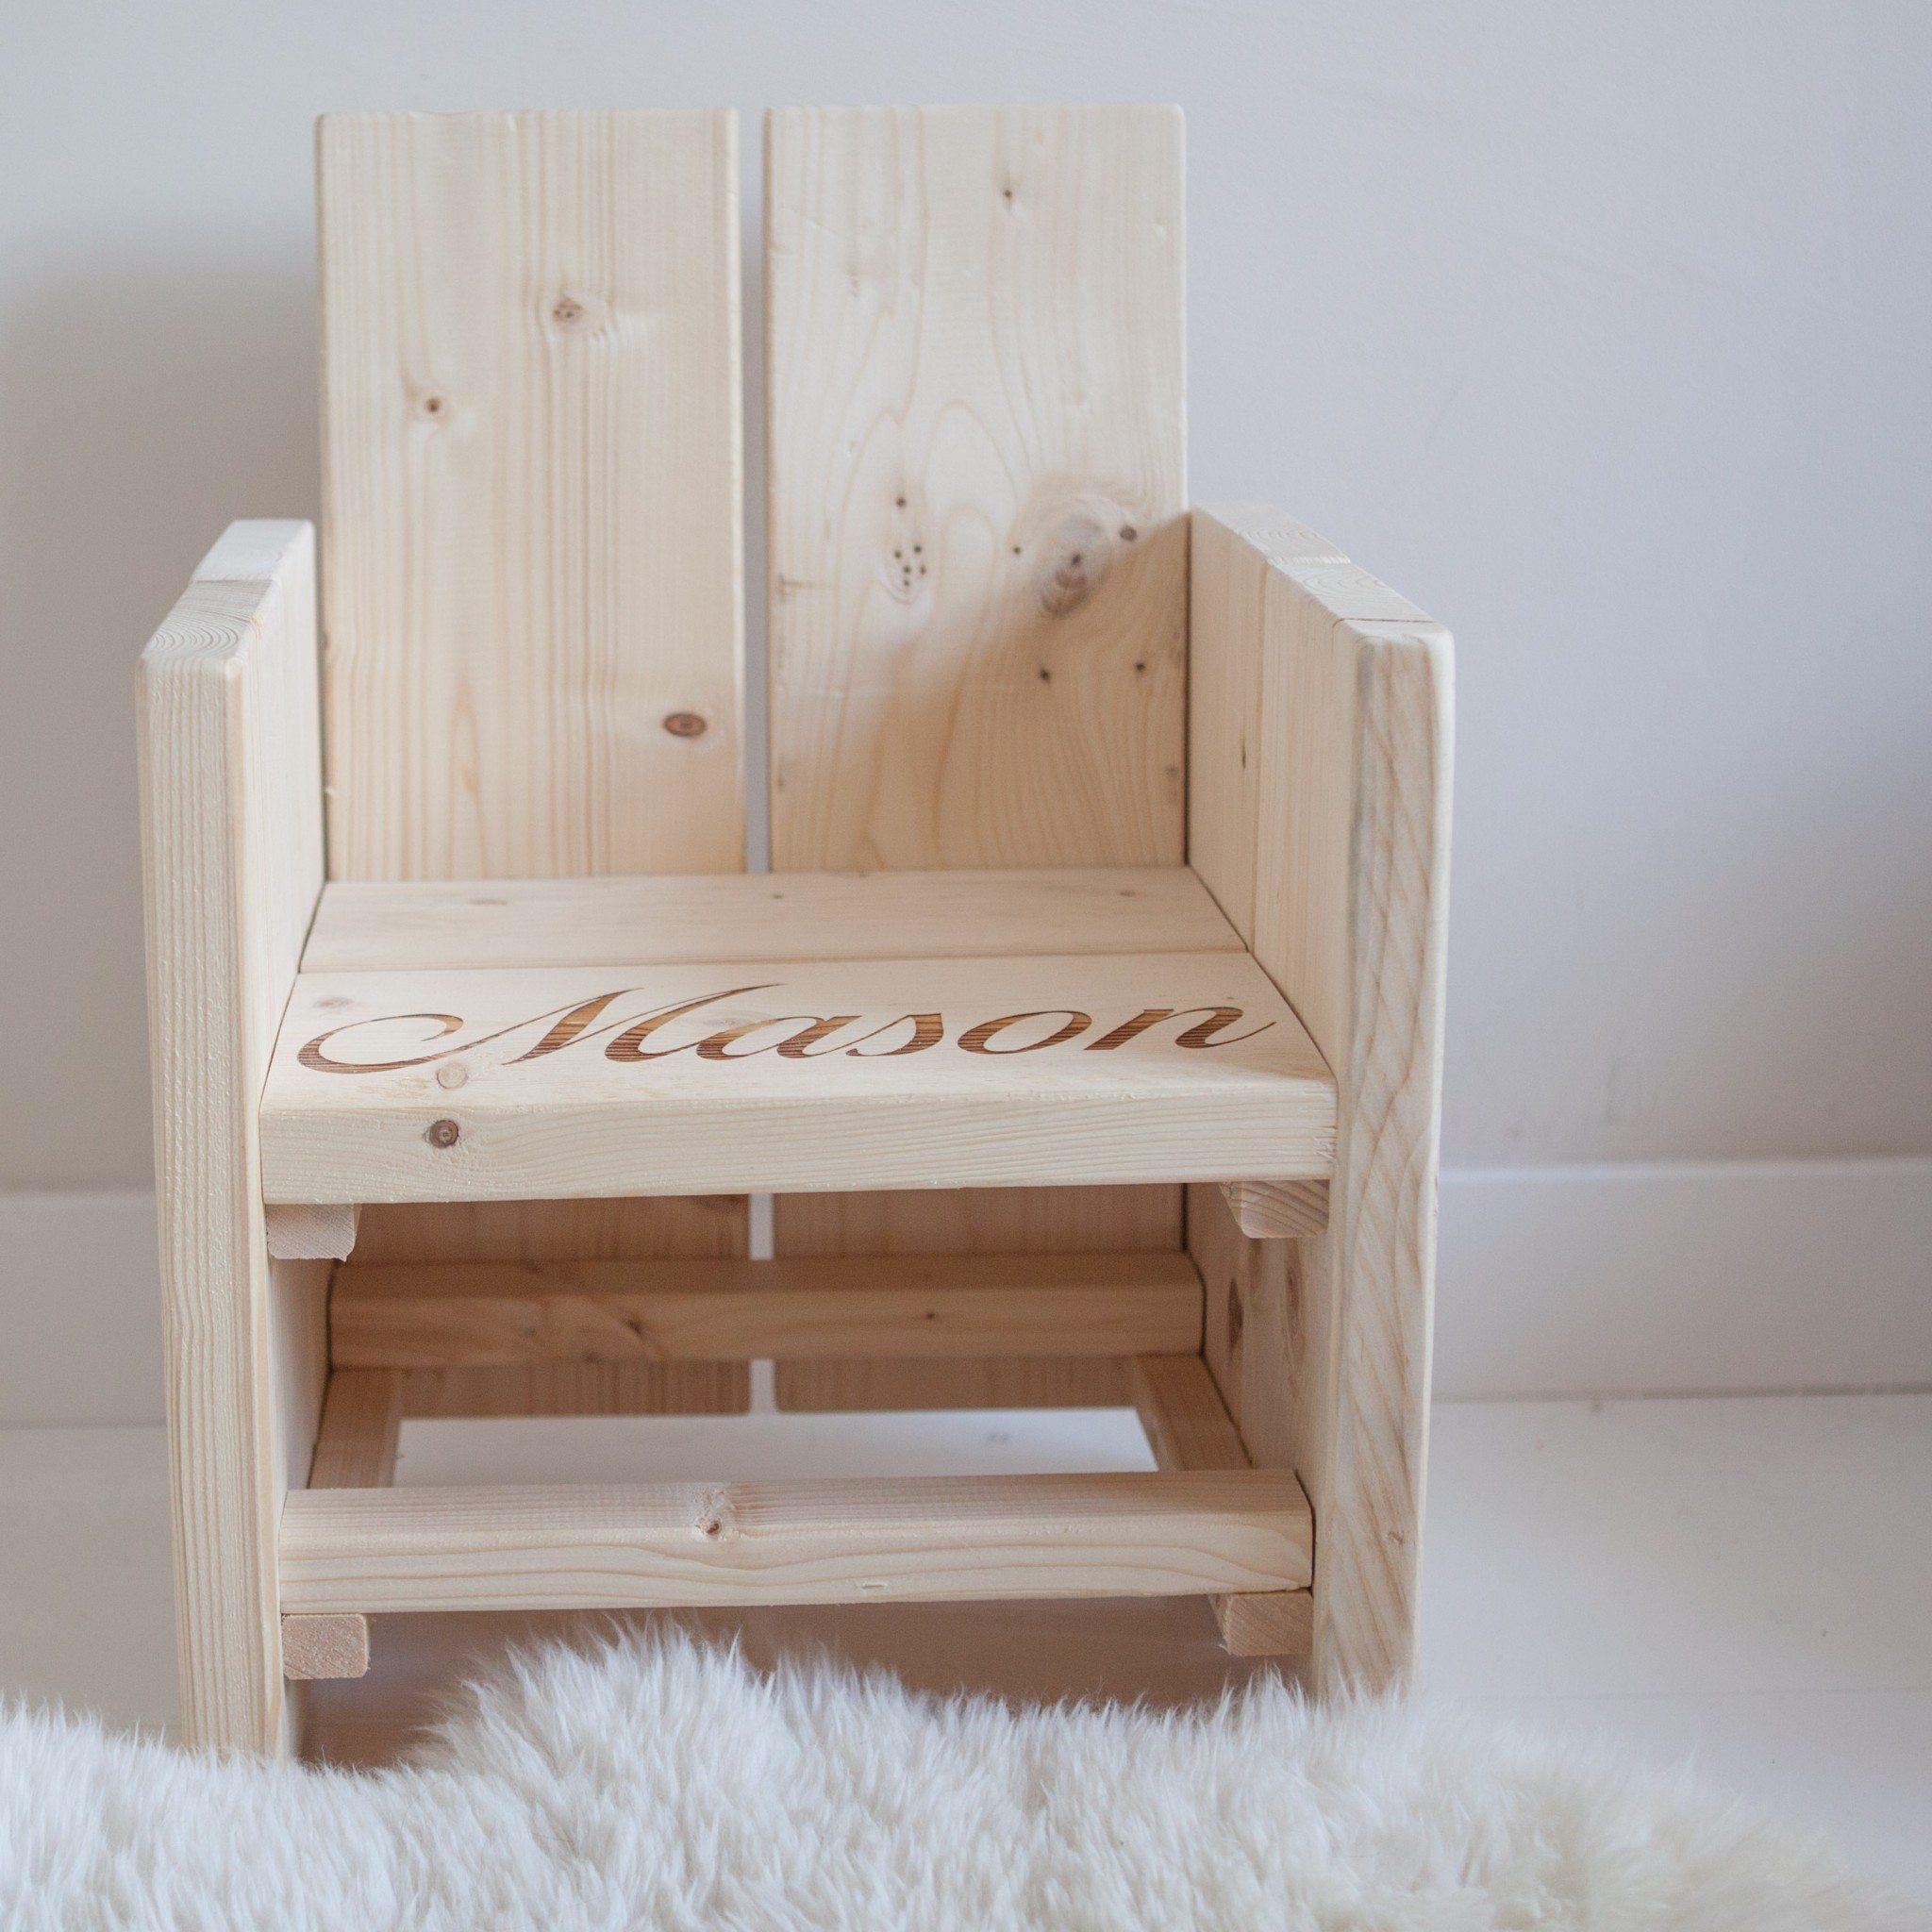 Peuterstoel Met Tafeltje.Steigerhouten Kinderstoel Met Naam In Zitting